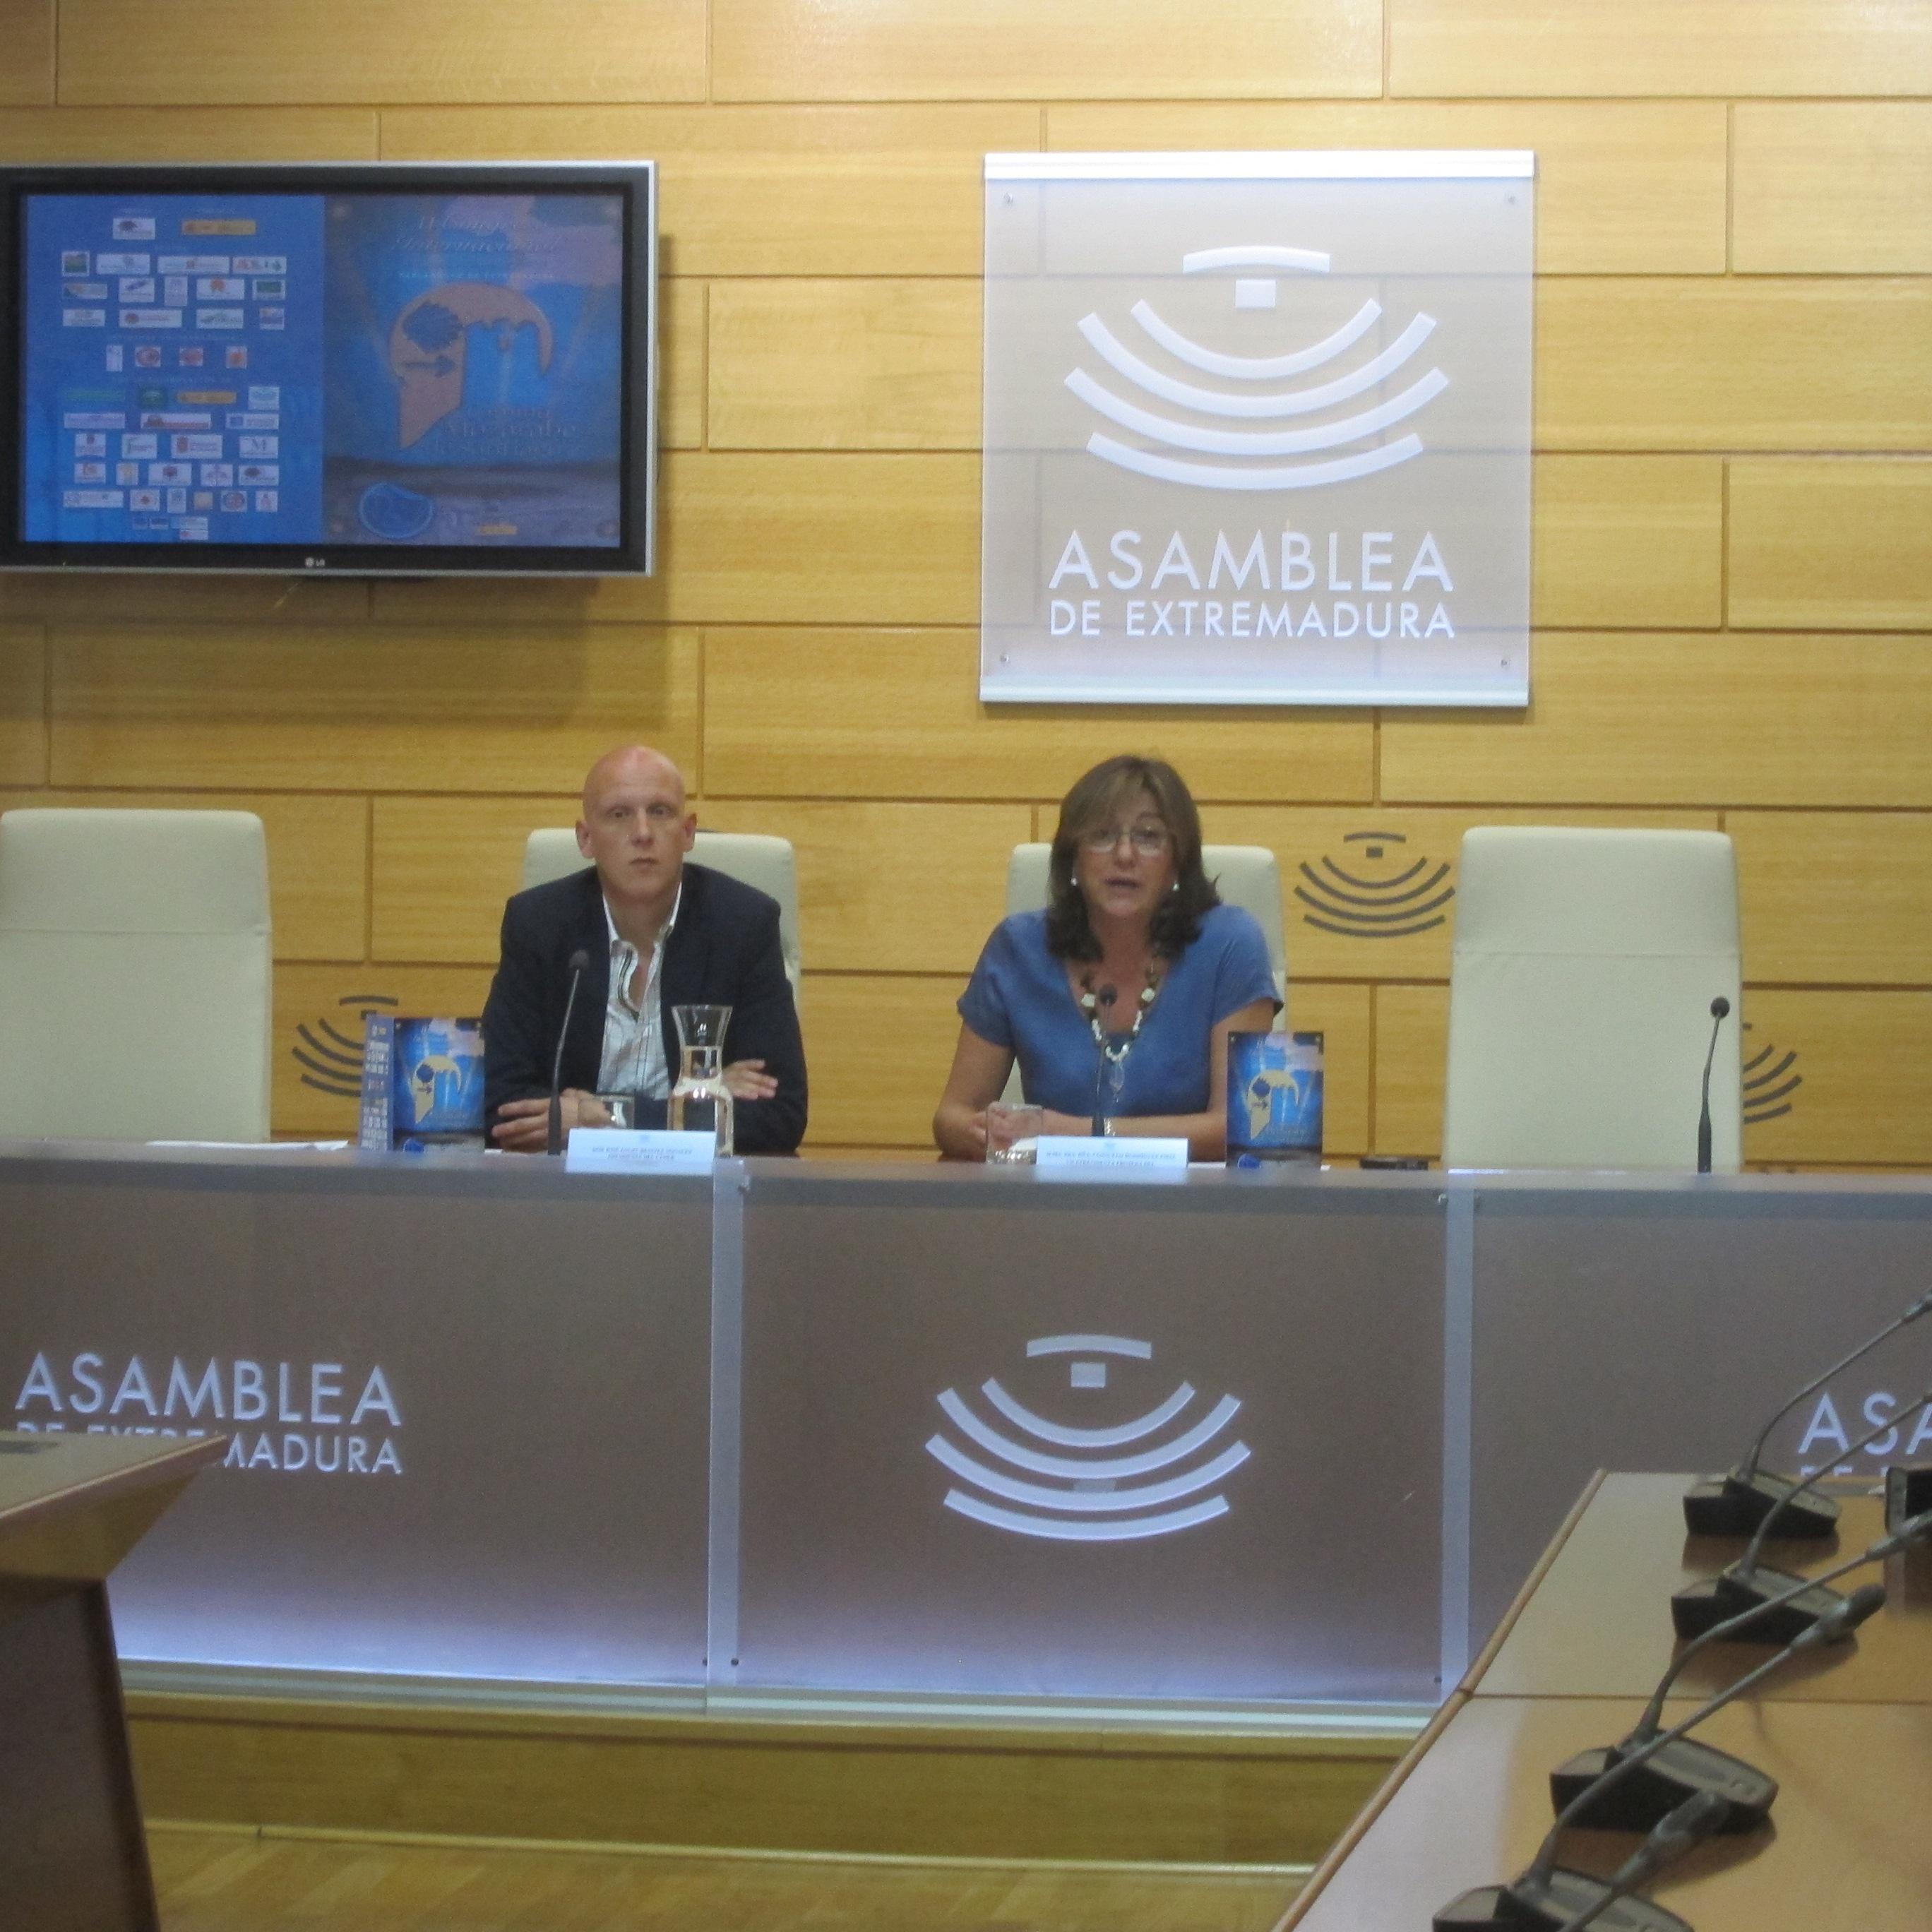 Mérida será sede de un congreso que abordará los itinerarios y valores del Camino Mozárabe de Santiago